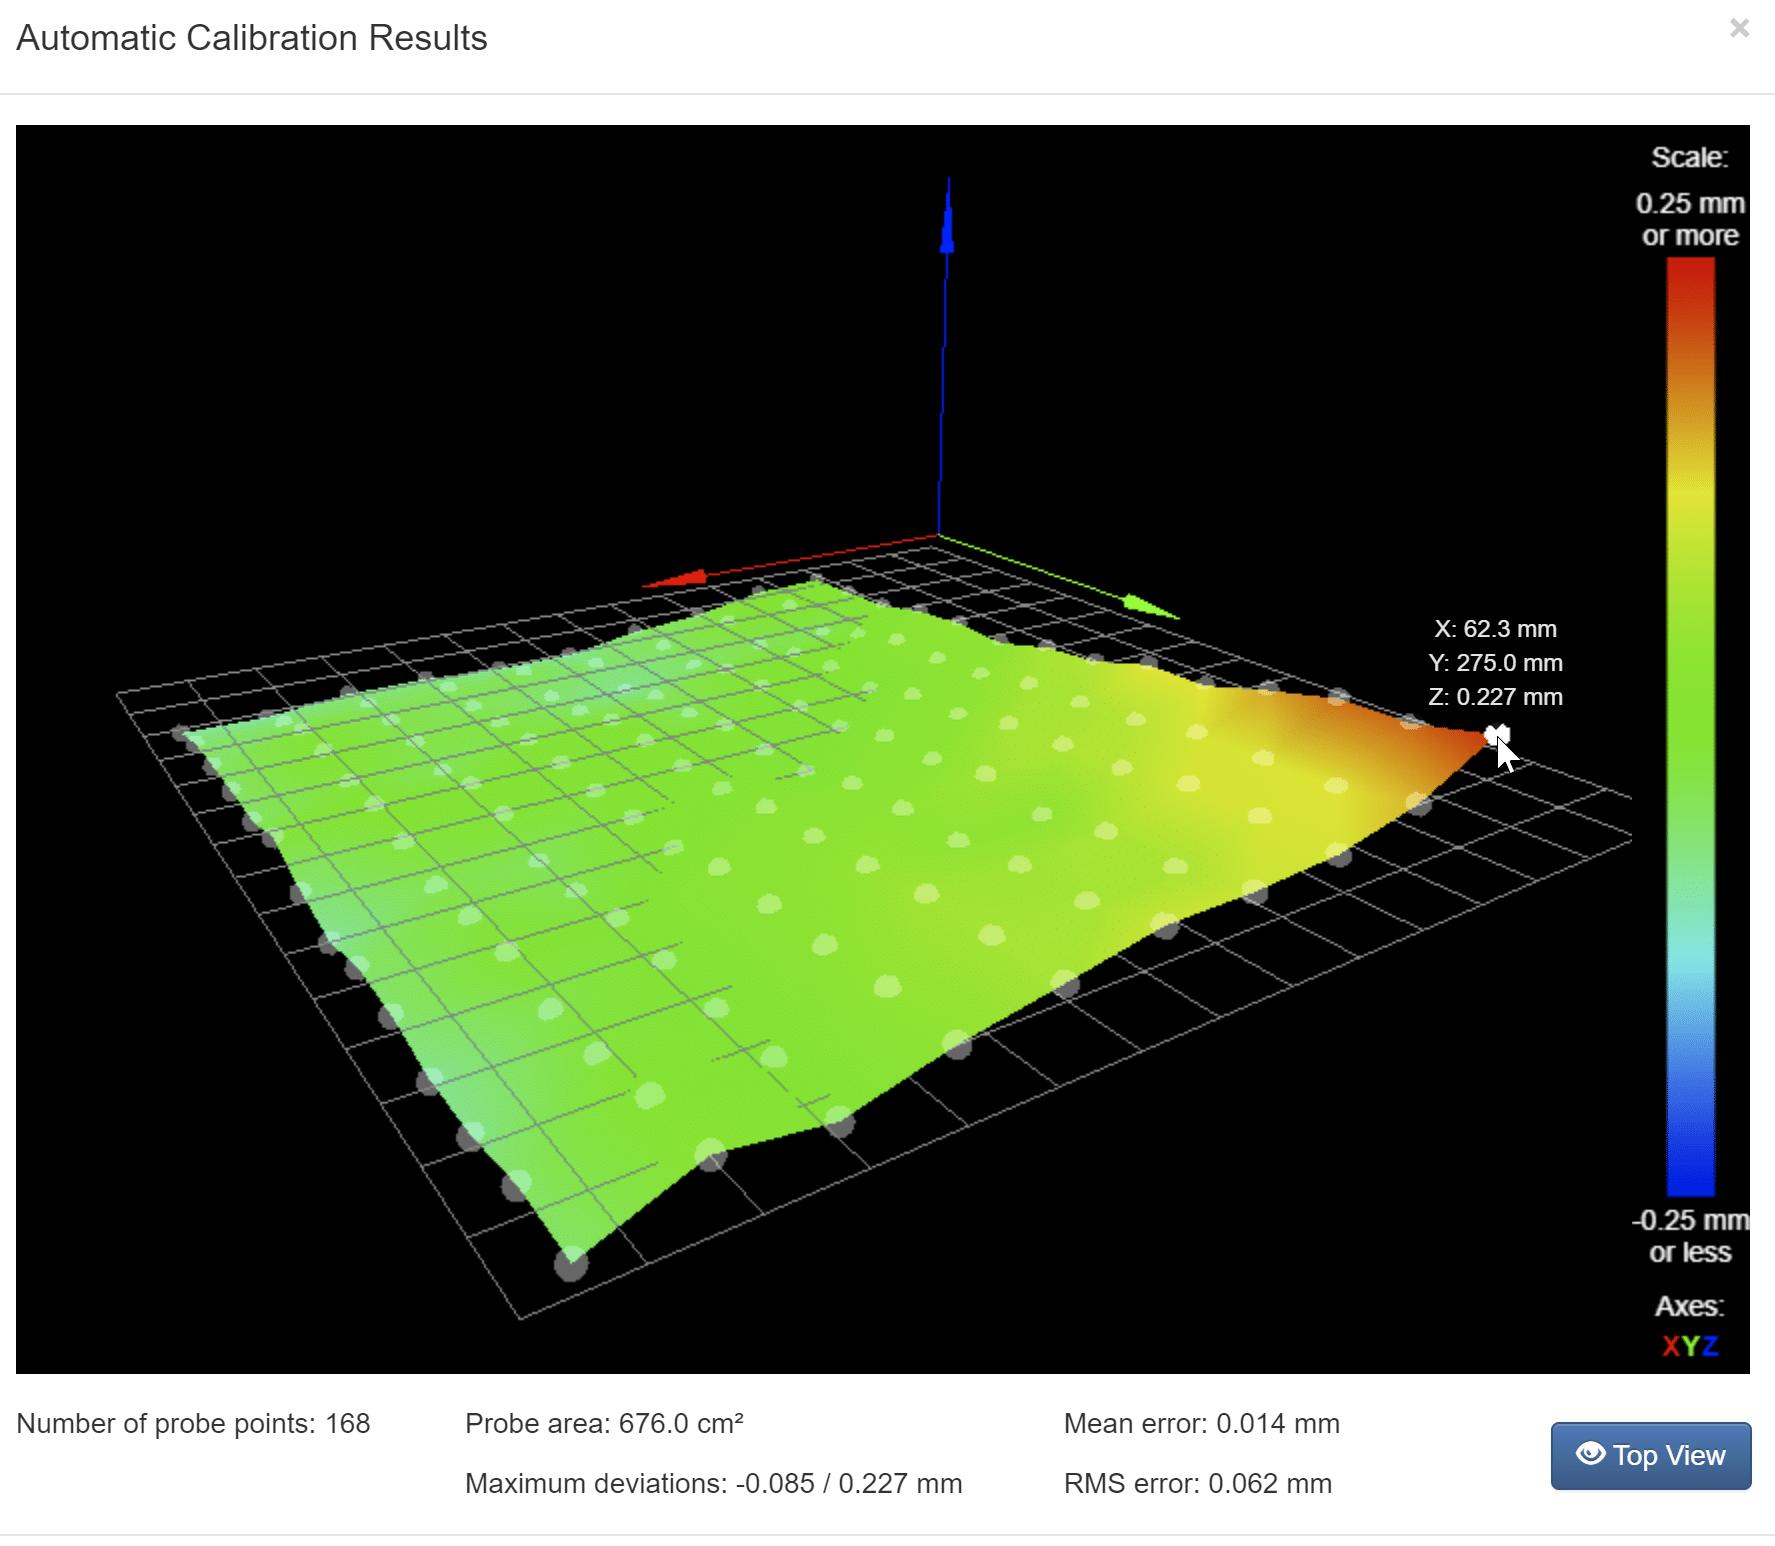 Résultats de la prise de point par un BLTouch sur une carte Duet3D sur un plateau de 300x300mm.